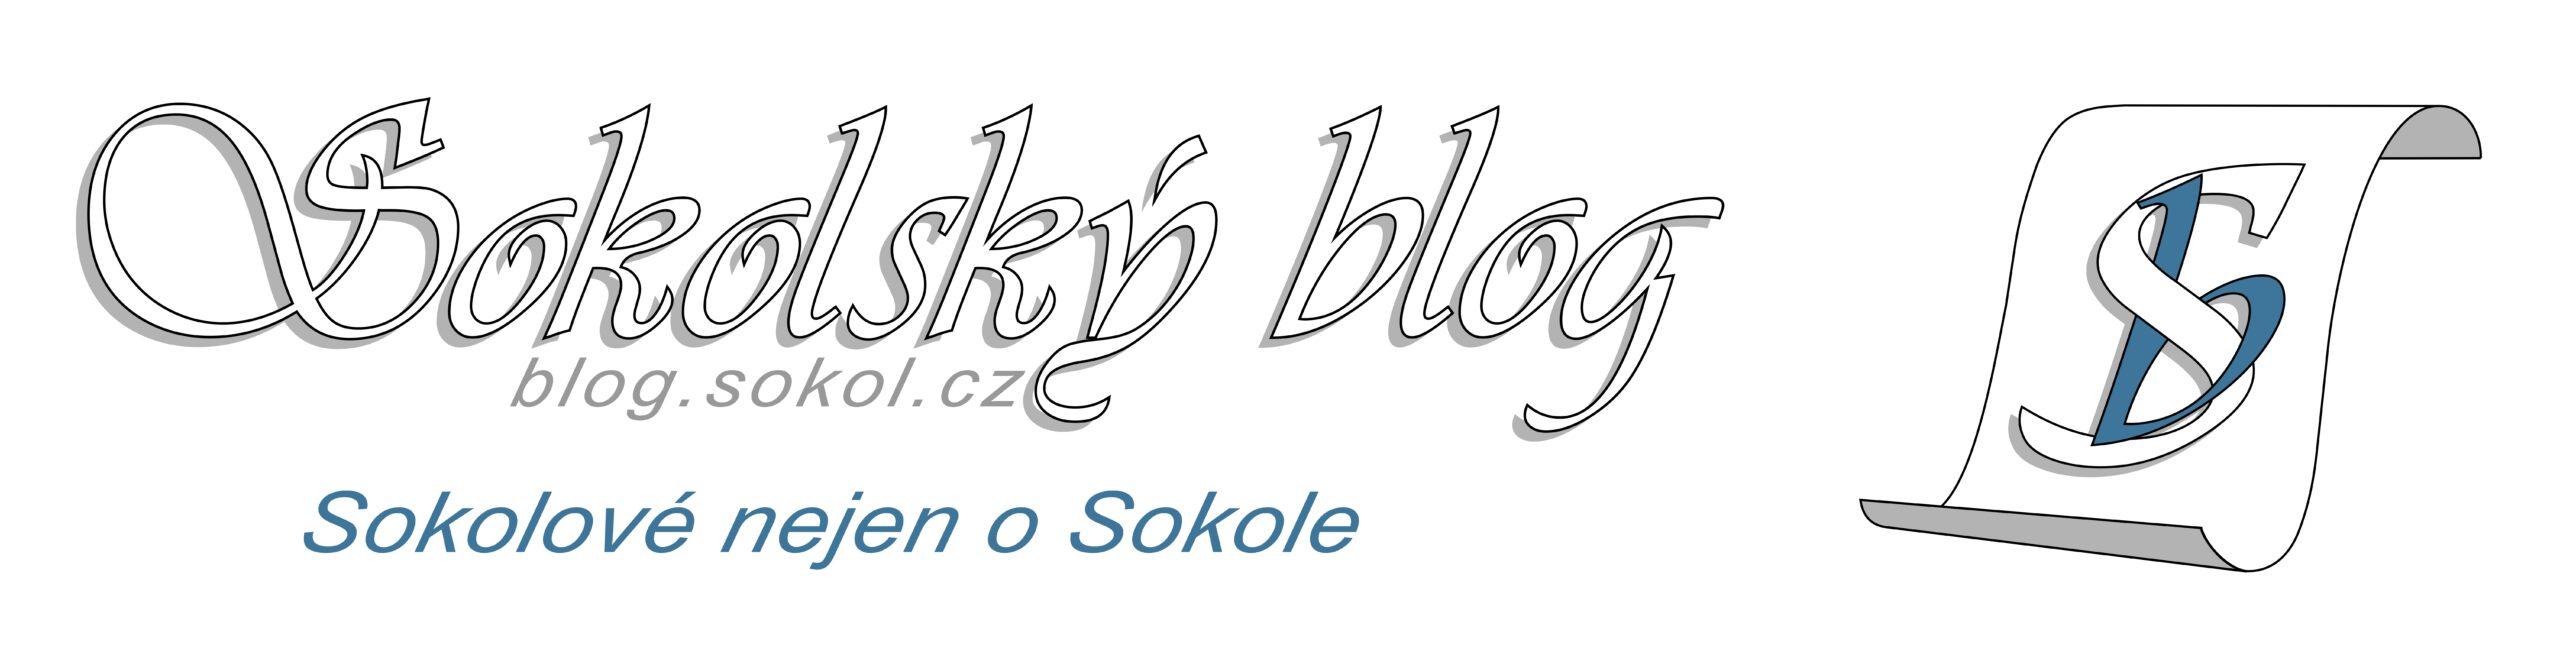 Sokolský blog